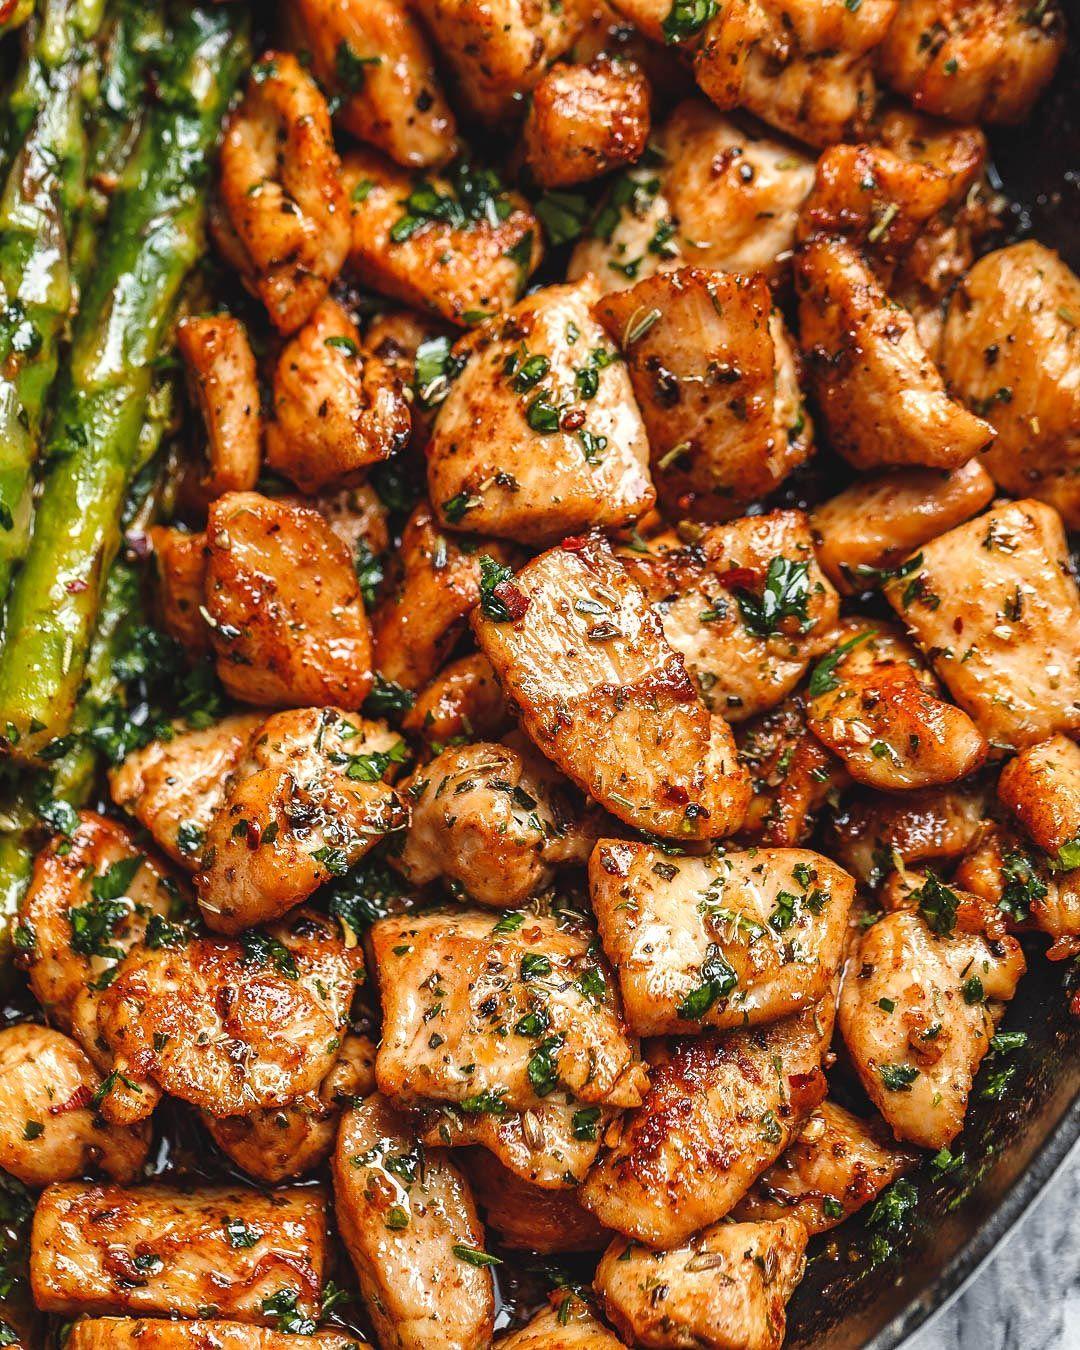 Garlic Butter Chicken Bites with Lemon Asparagus -